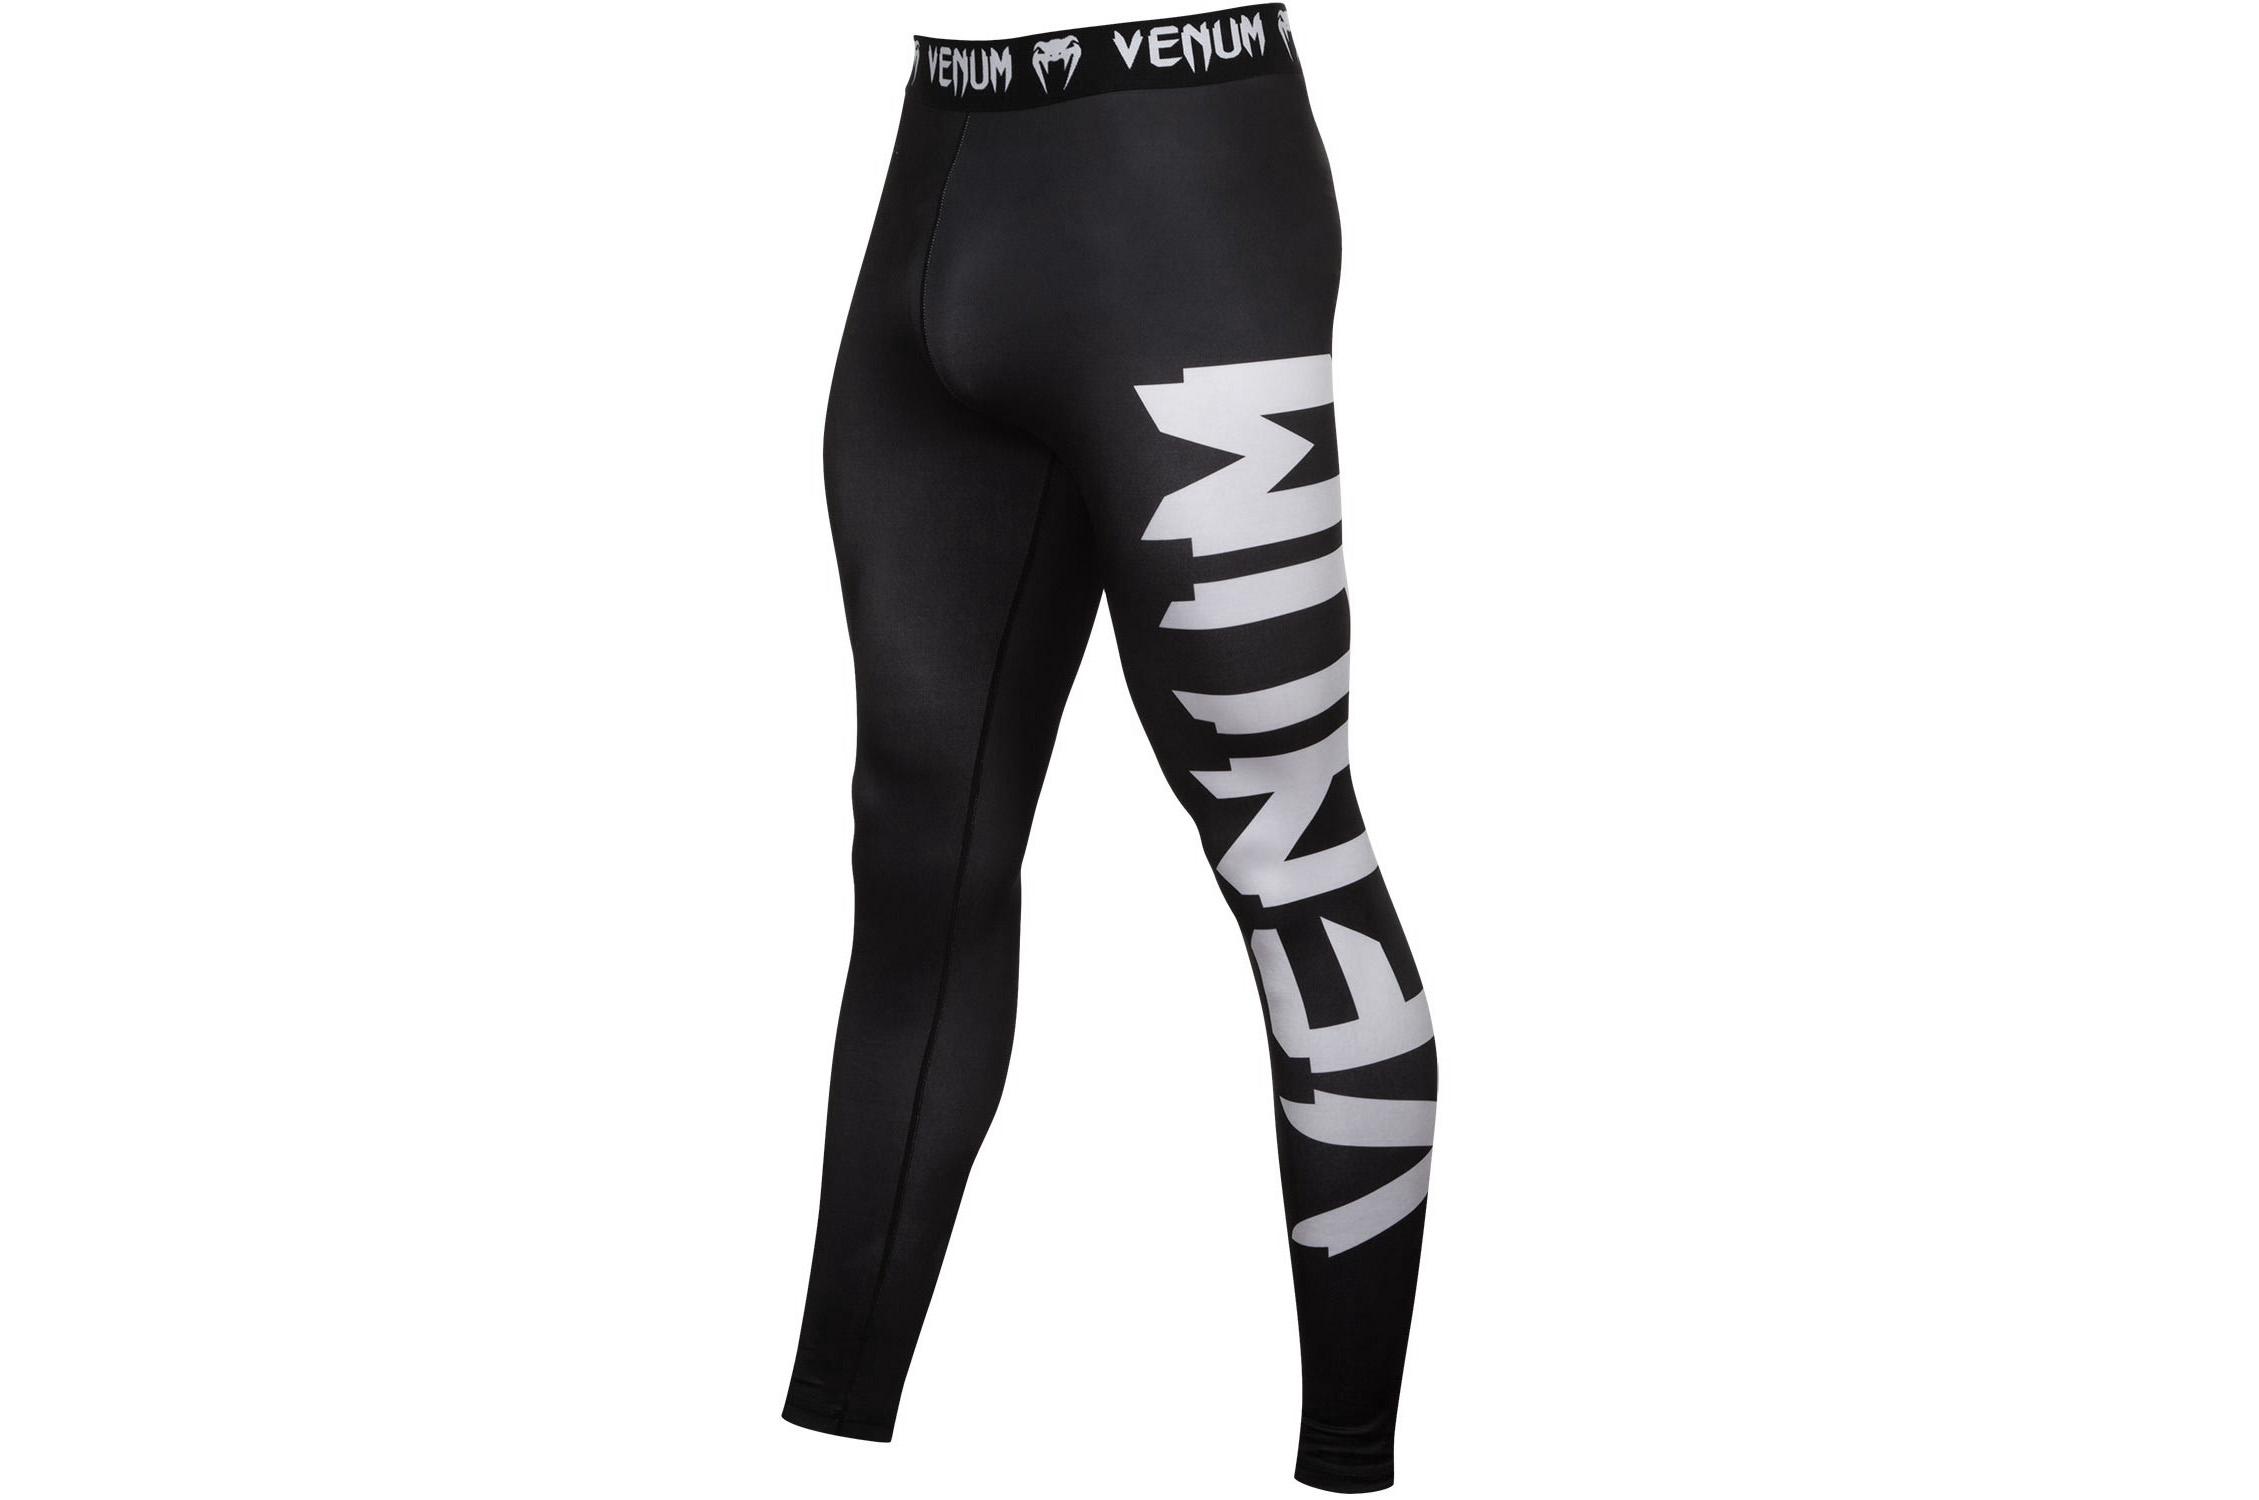 Pantalon de Compression Giant, Venum